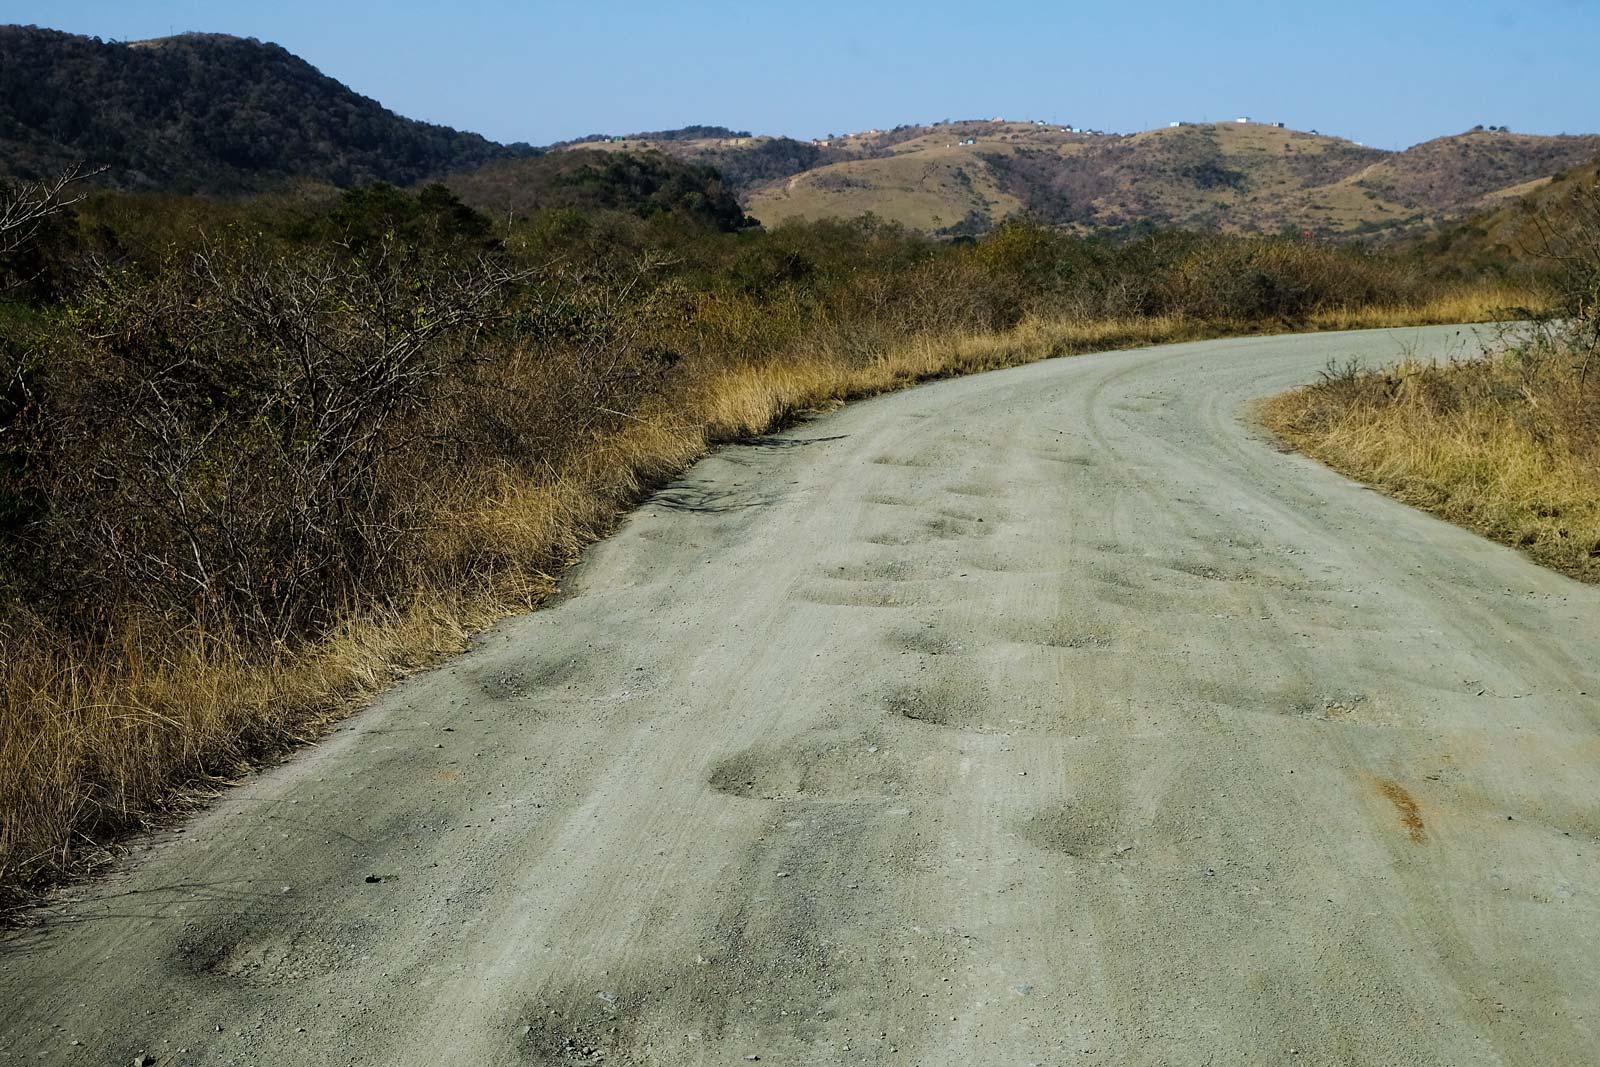 Die Straßen an der Wild Coast haben oft tiefe Schlaglöcher